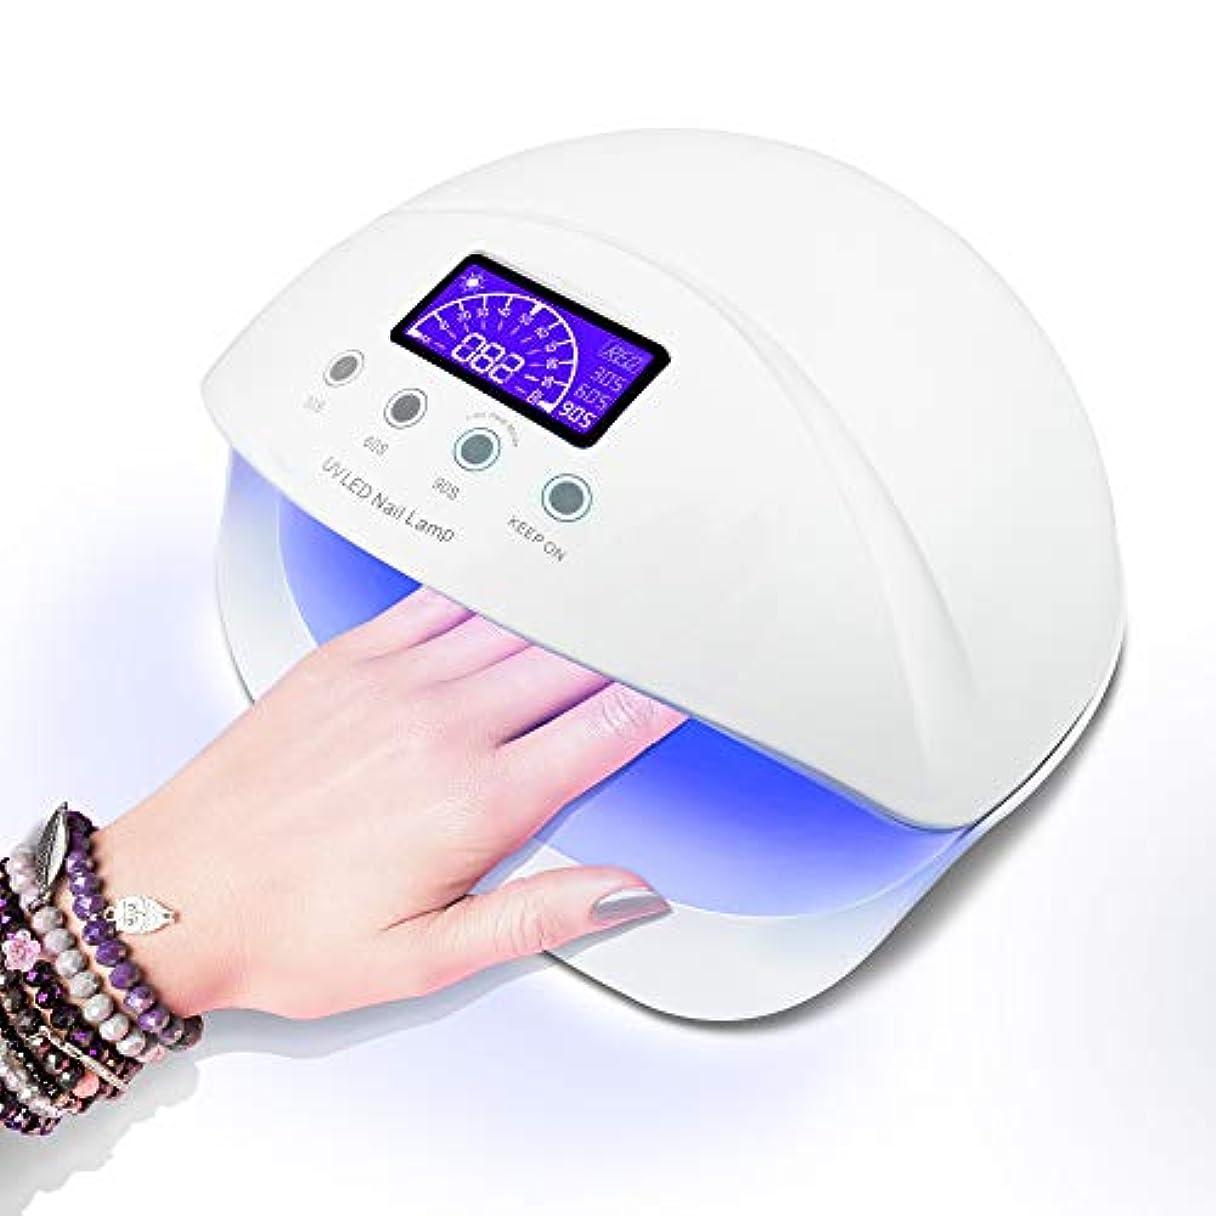 地下寝室病院LED ネイルドライヤー UVネイルライト 50W ハイパワー ジェルネイルライト 肌をケア センサータイマー付き UVライト 速乾UV ネイル ハンドフット両用  ネイル led ライト [日本語取扱説明書付き]